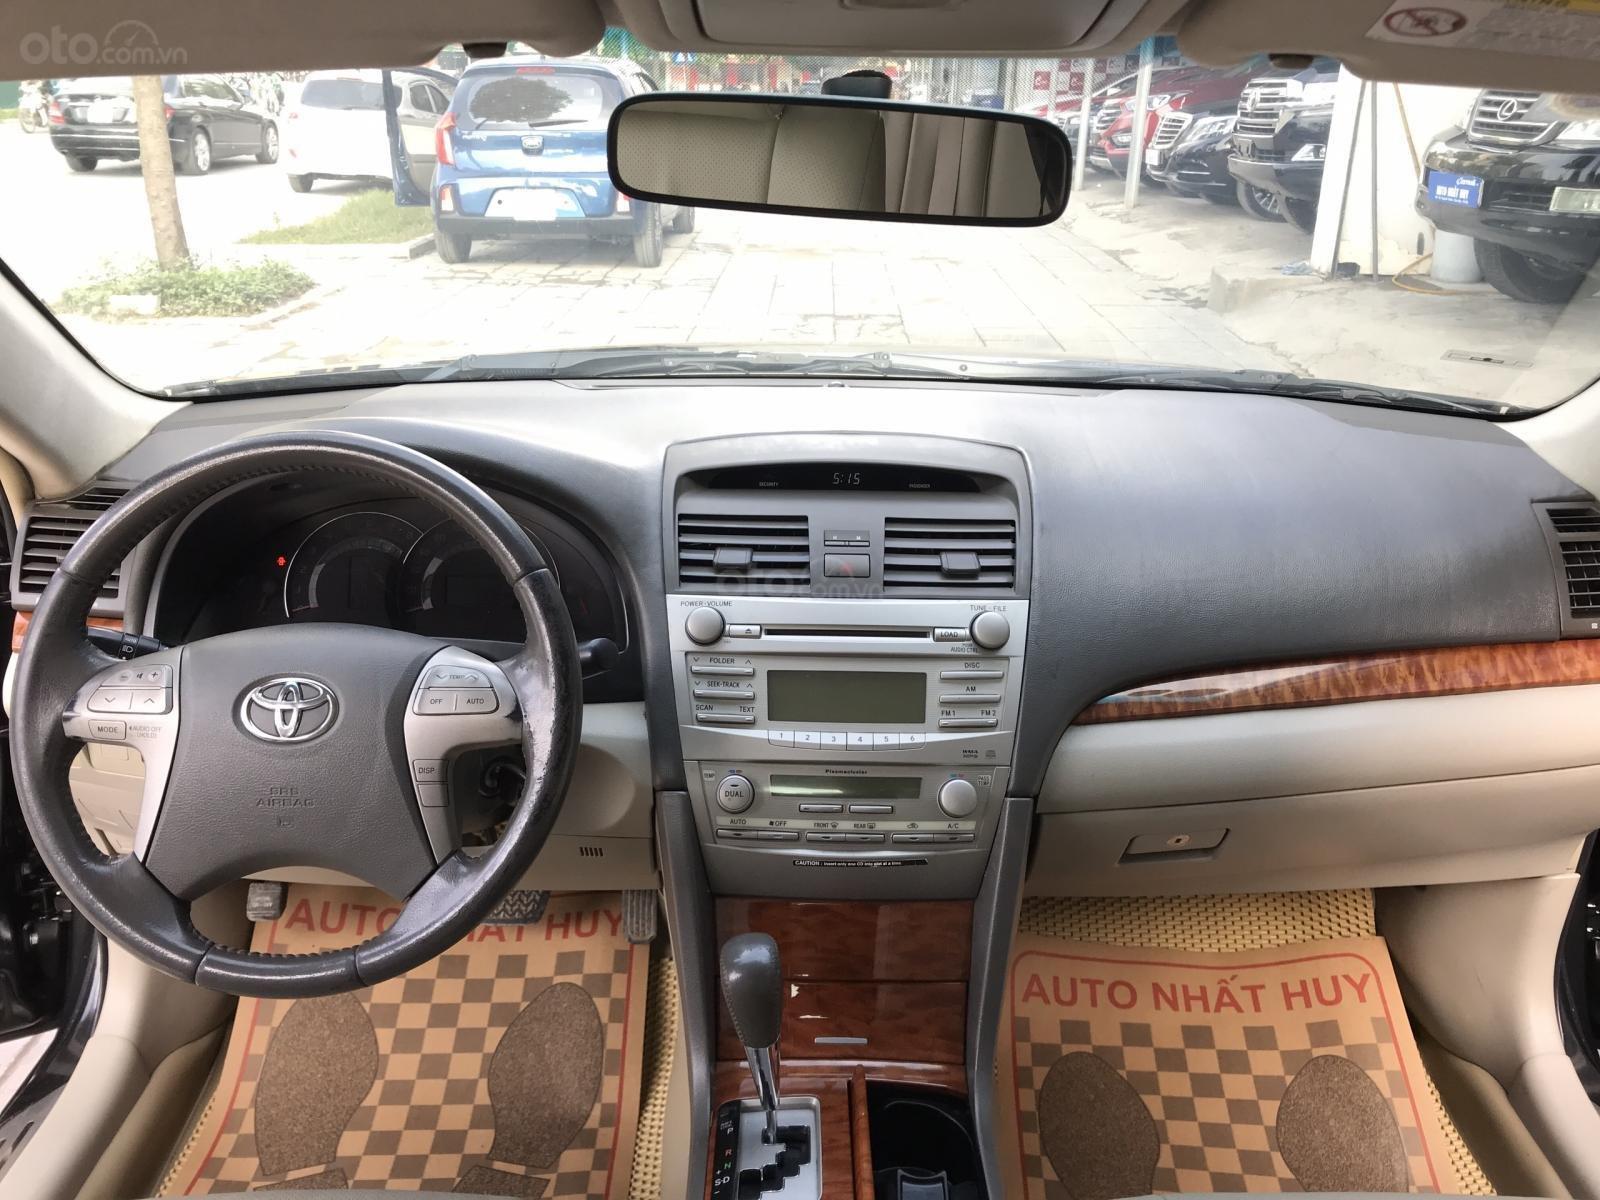 Nhất Huy Auto bán Toyota Camry 2.4G đời 2008, màu đen-11